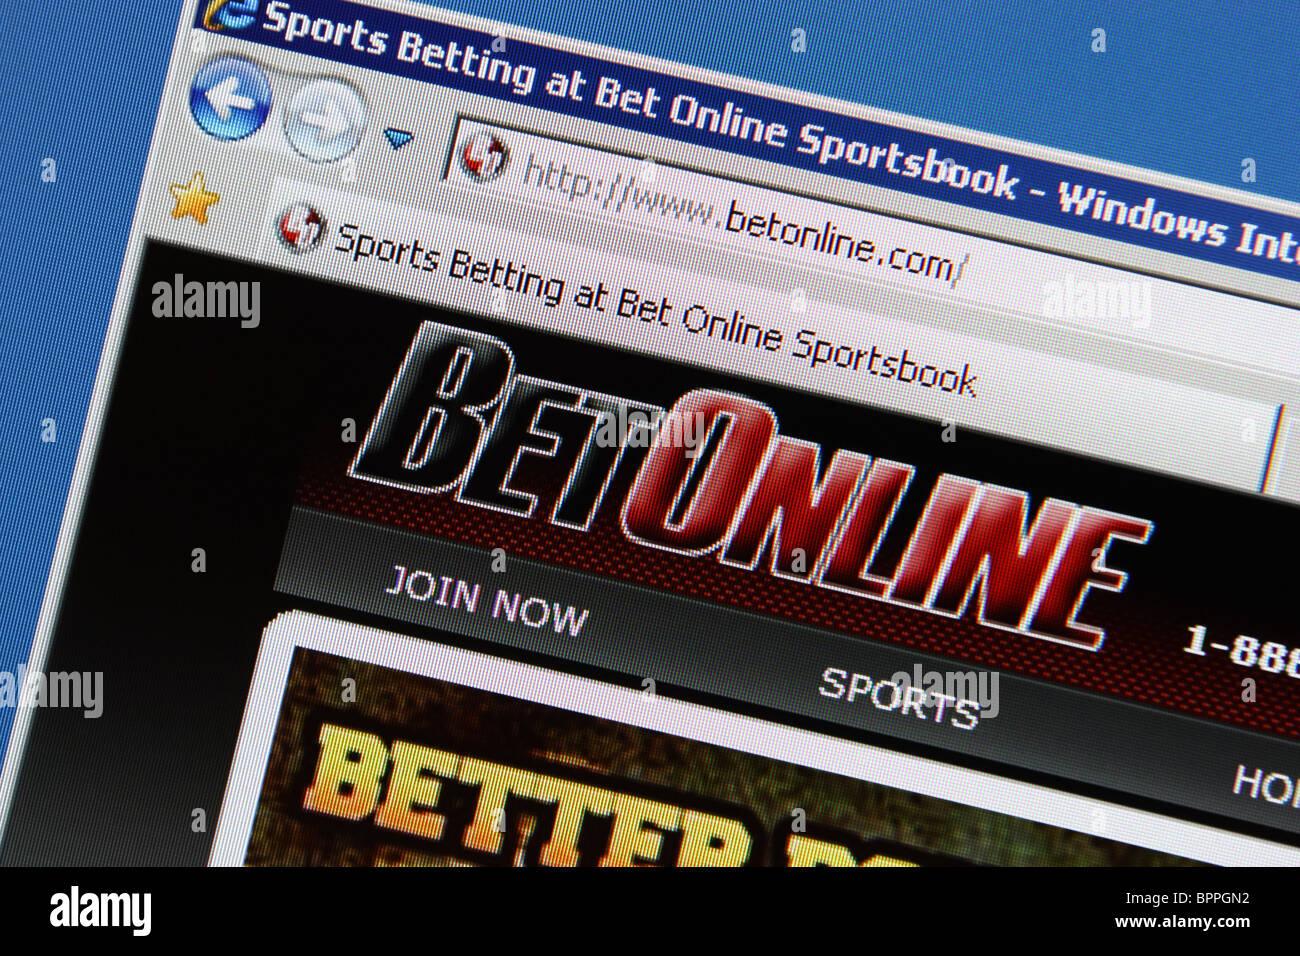 Betonline apuestas deportivas Imagen De Stock